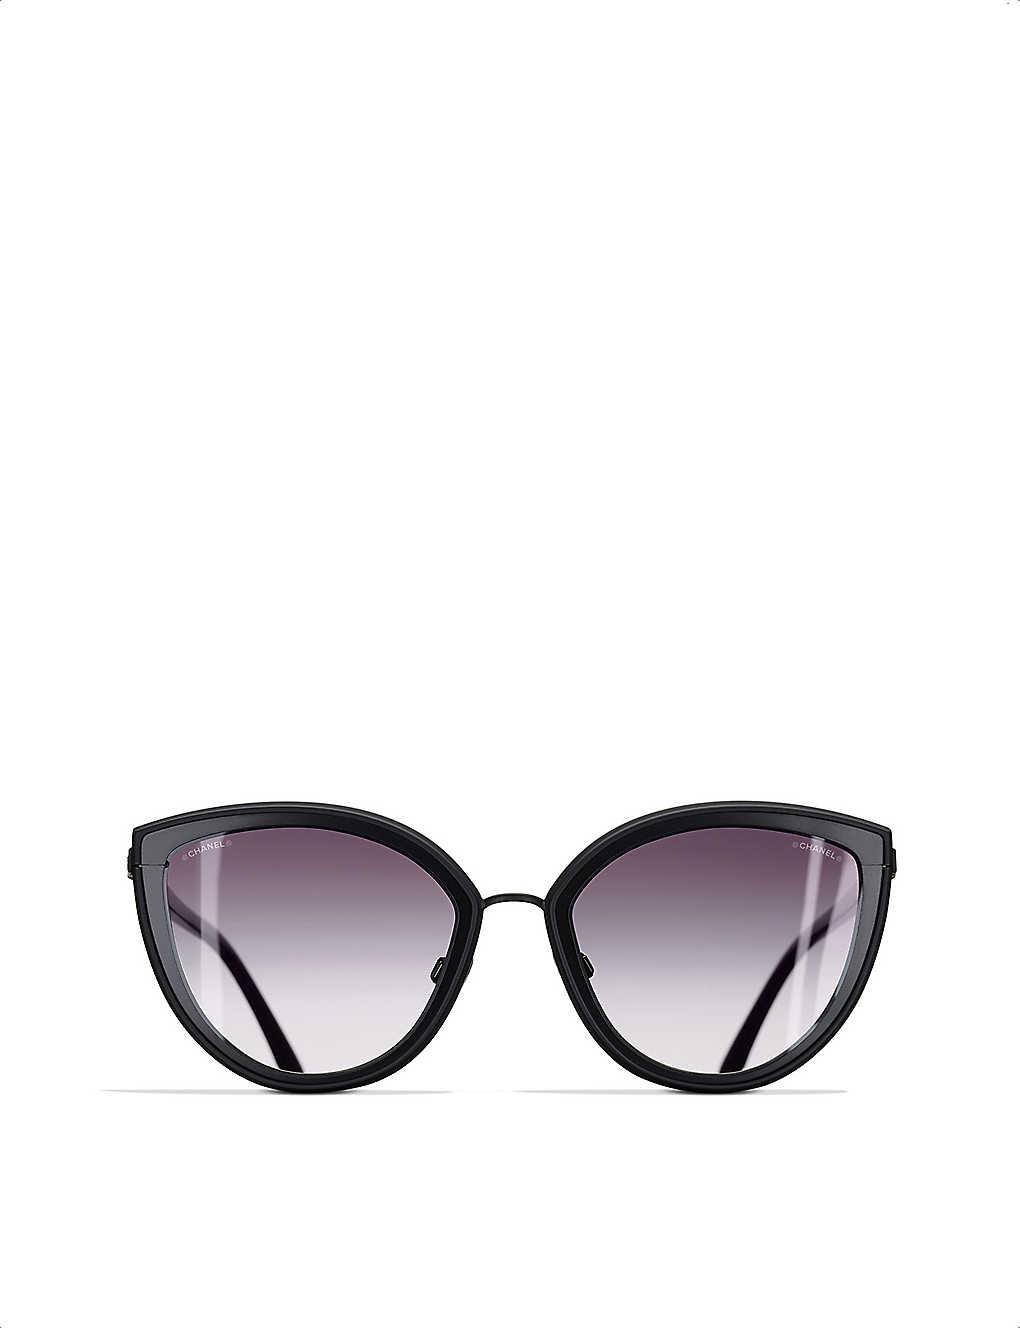 91879d20b0 CHANEL - Cat-eye sunglasses | Selfridges.com